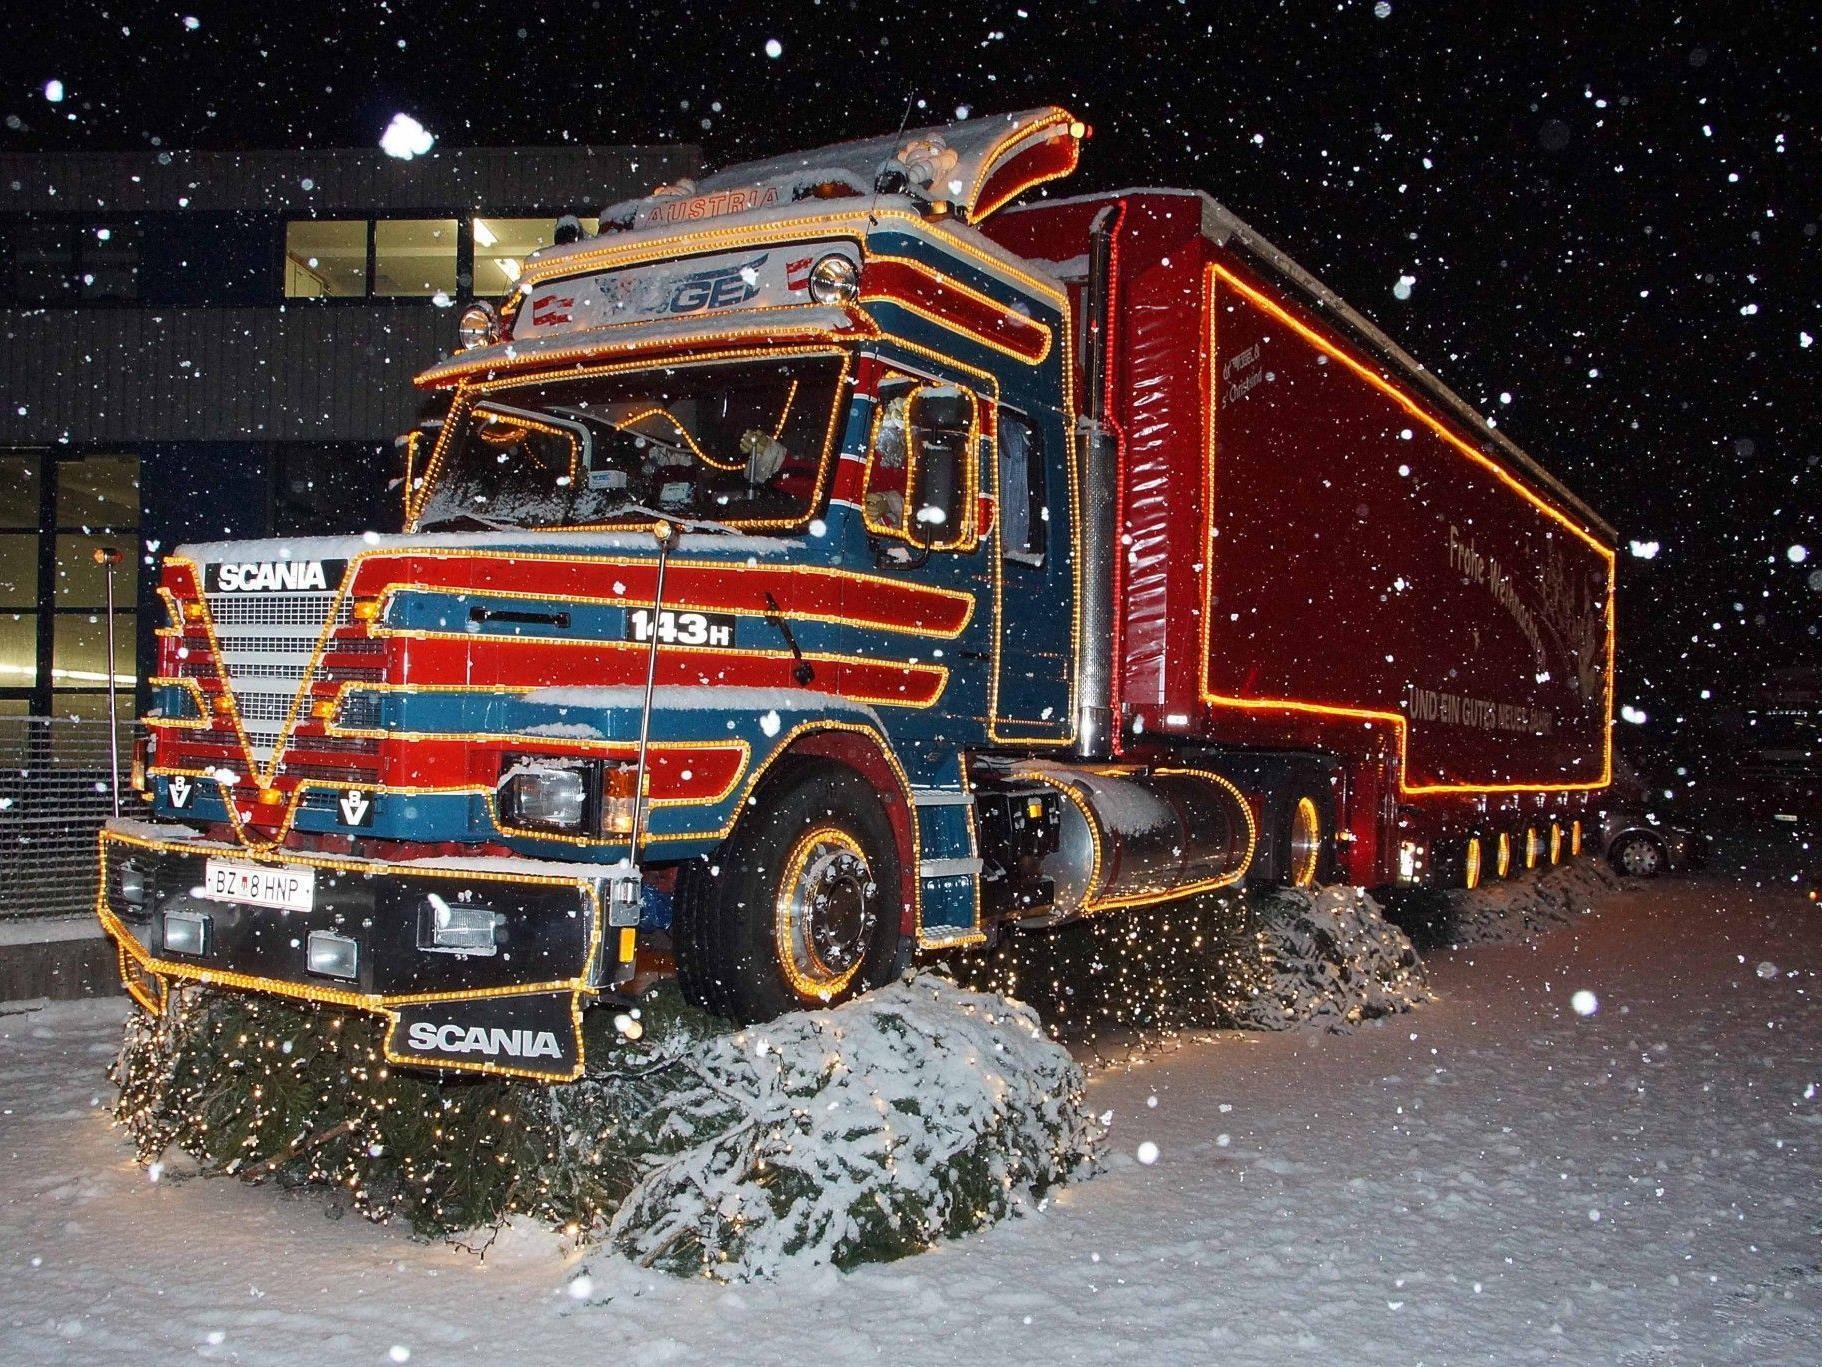 Der Oldi-Truck auf dem Vögel-Standort in Gais ist gleichzeitig Symbol für unfallfreie Fahrt.